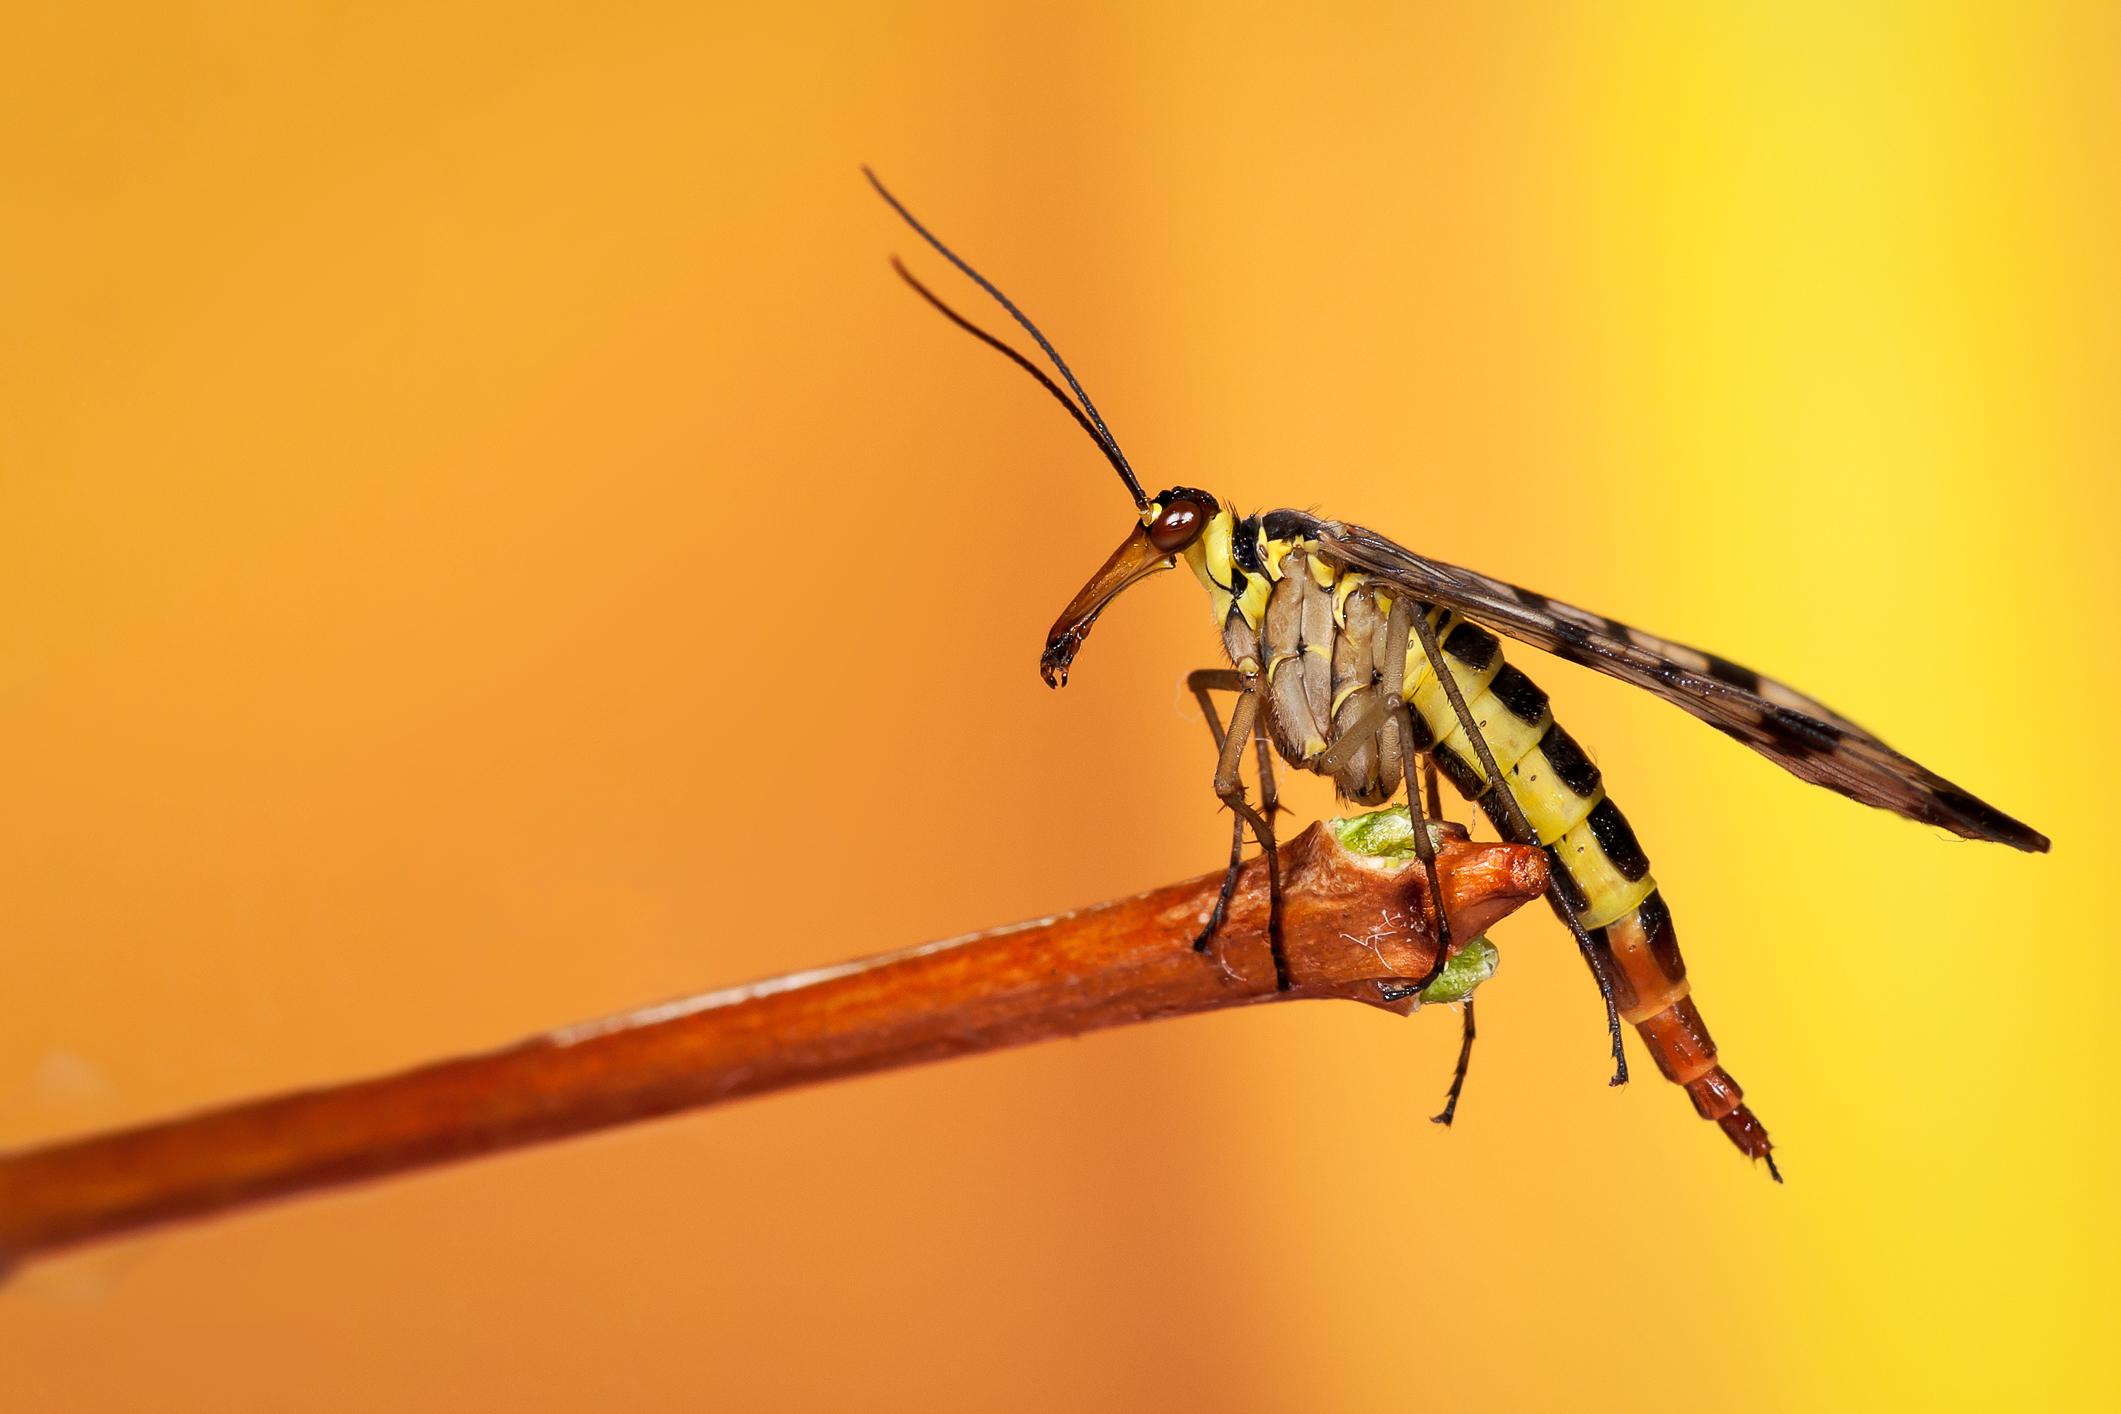 Schorpioenvlieg, insect, macrofotografie, macro, close-up, geel